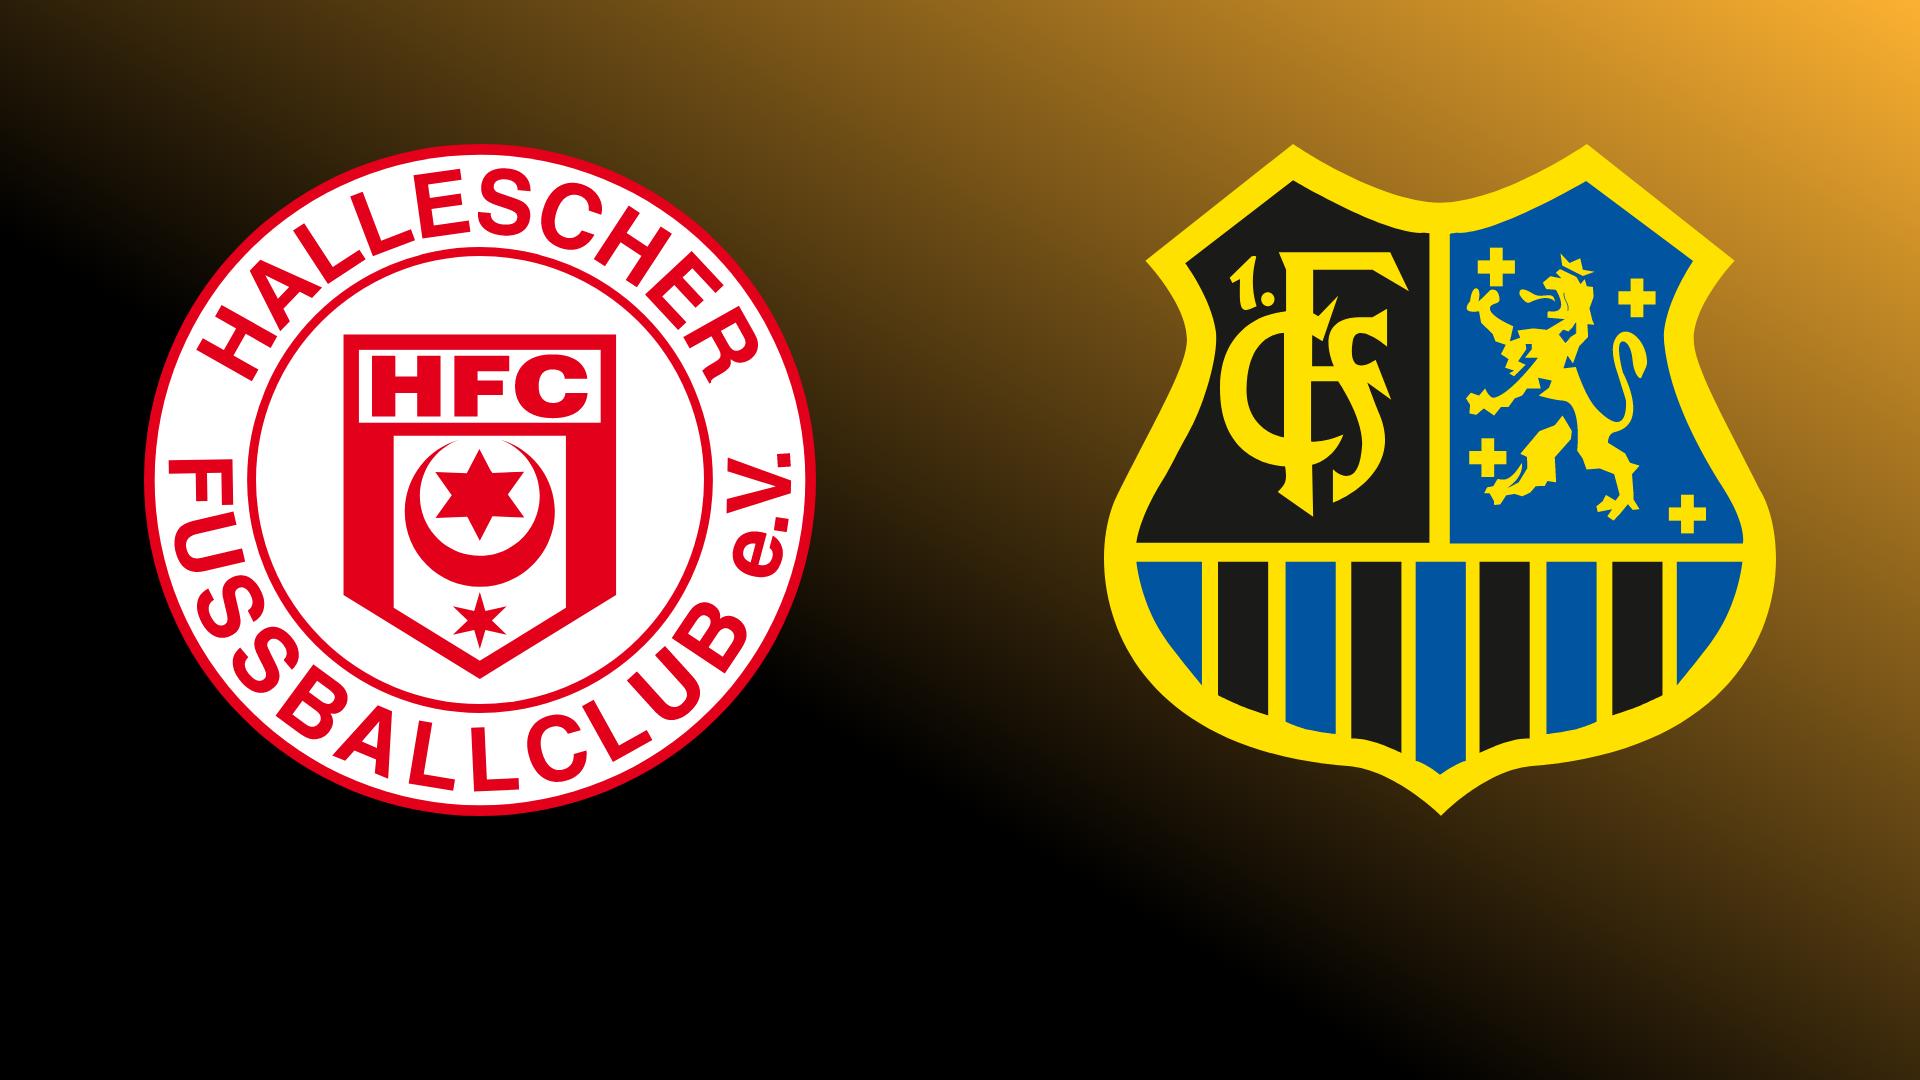 Hallescher FC - 1. FC Saarbrücken 16.10.2021 um 13:45 Uhr auf Magenta Sport